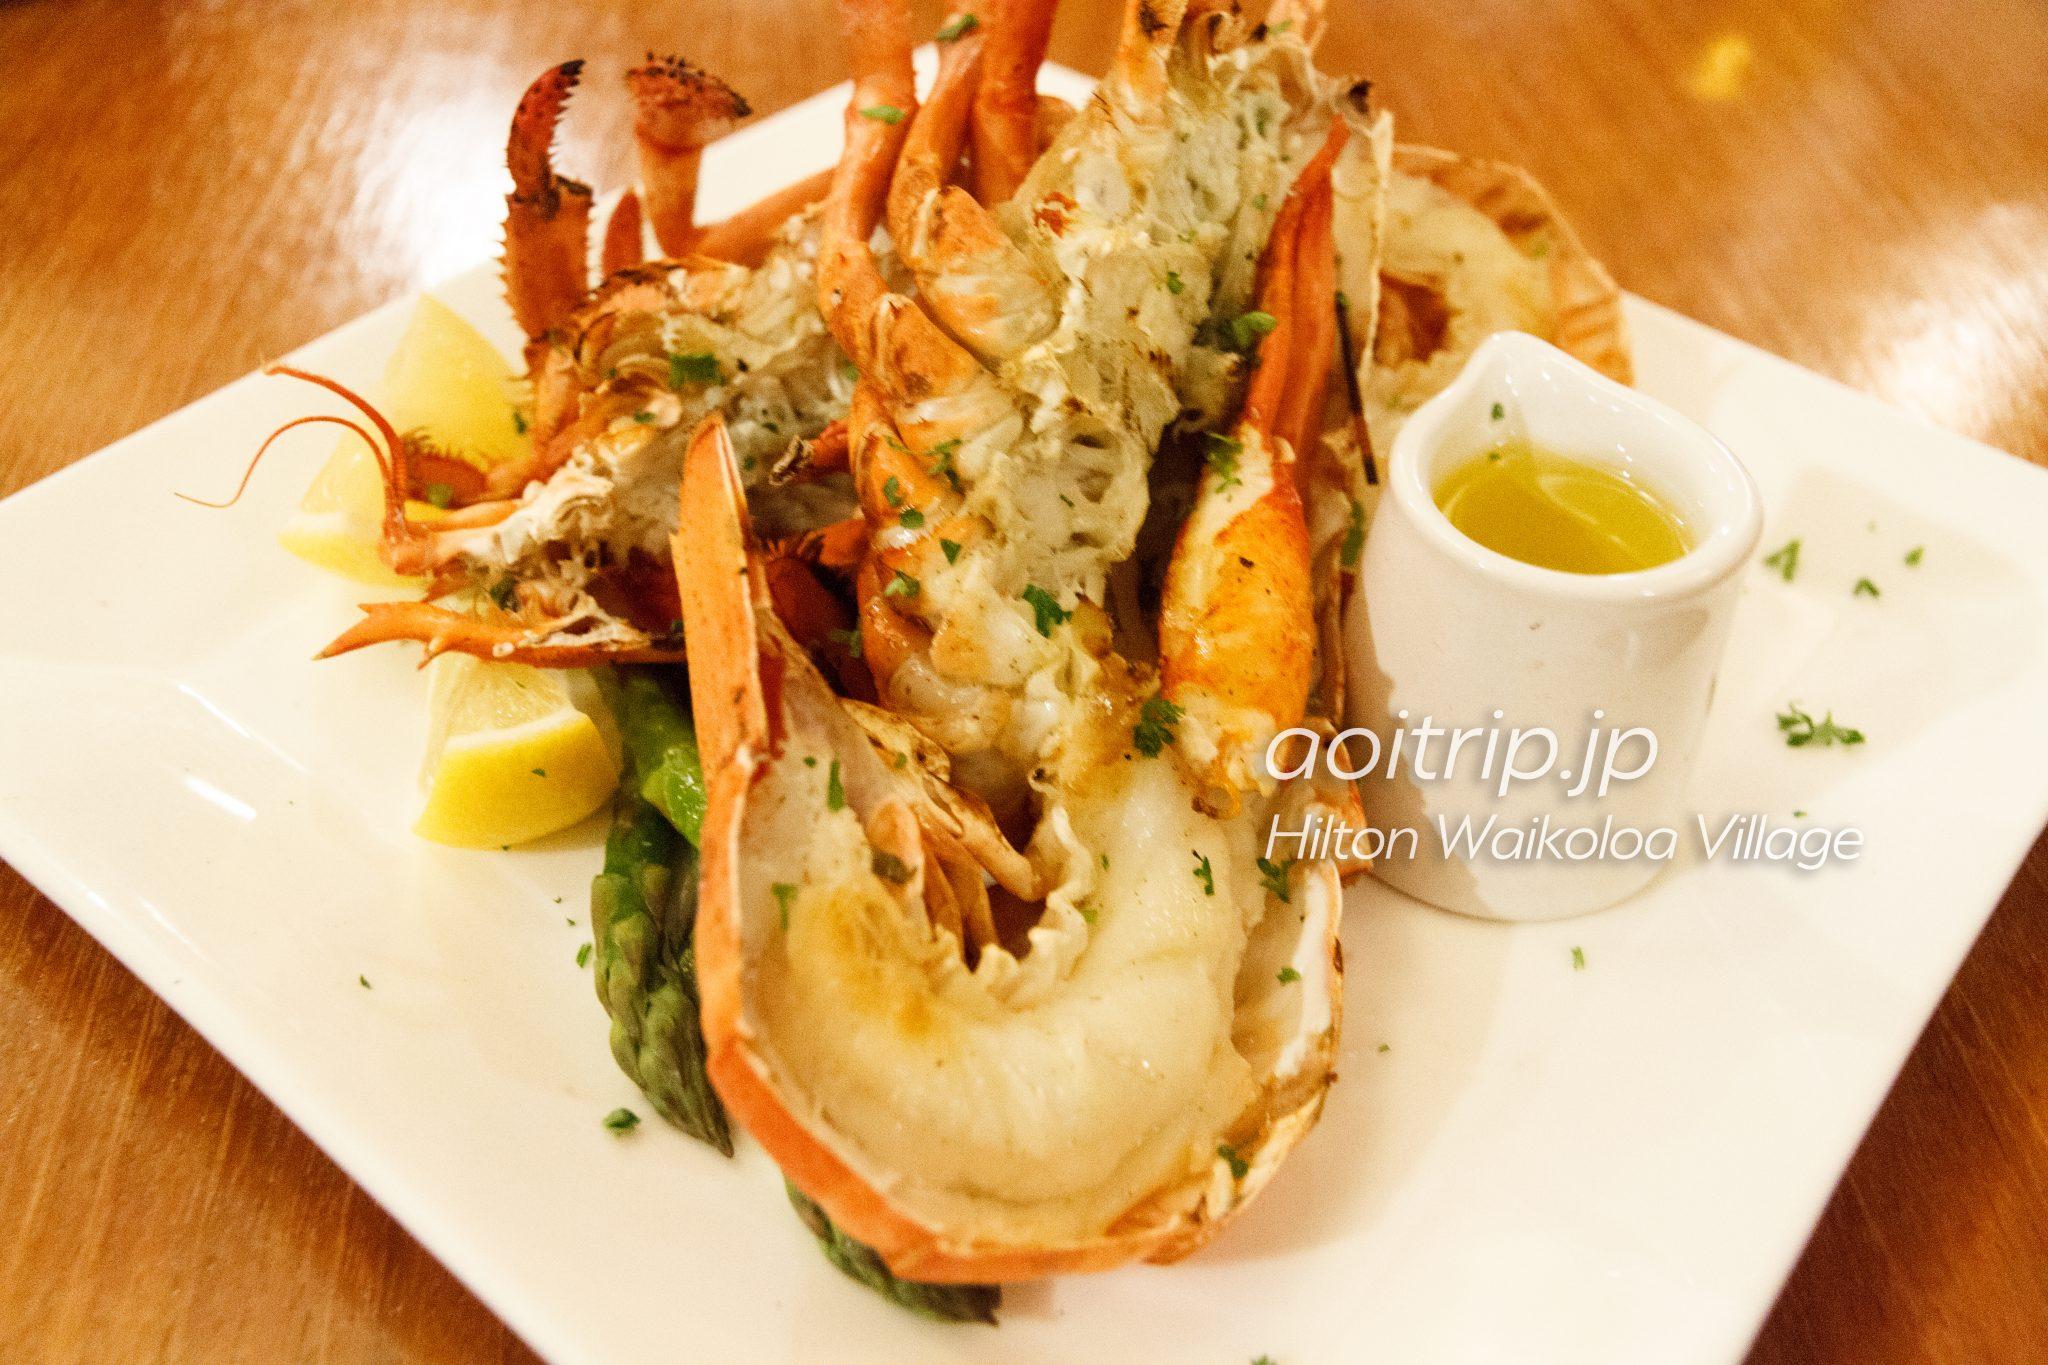 ヒルトン ワイコロア ビレッジ(Hilton Waikoloa Village)Two Pound Keahole Lobster($82.00)。 ケアホレ産ロブスター900g